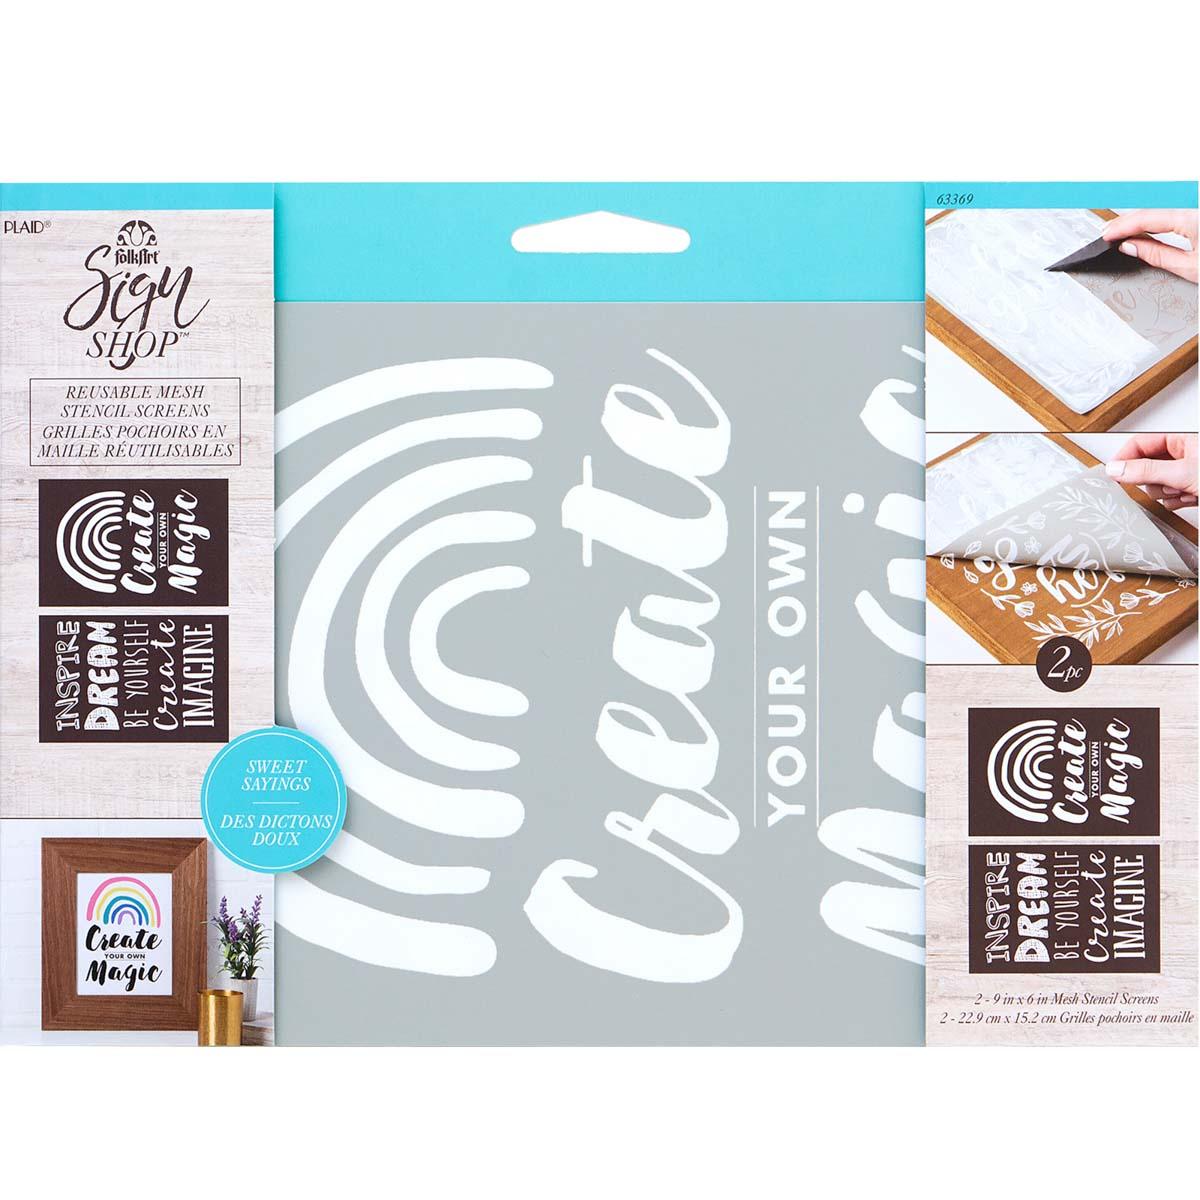 FolkArt ® Sign Shop™ Mesh Stencil - Create Magic, 2 pc. - 63369